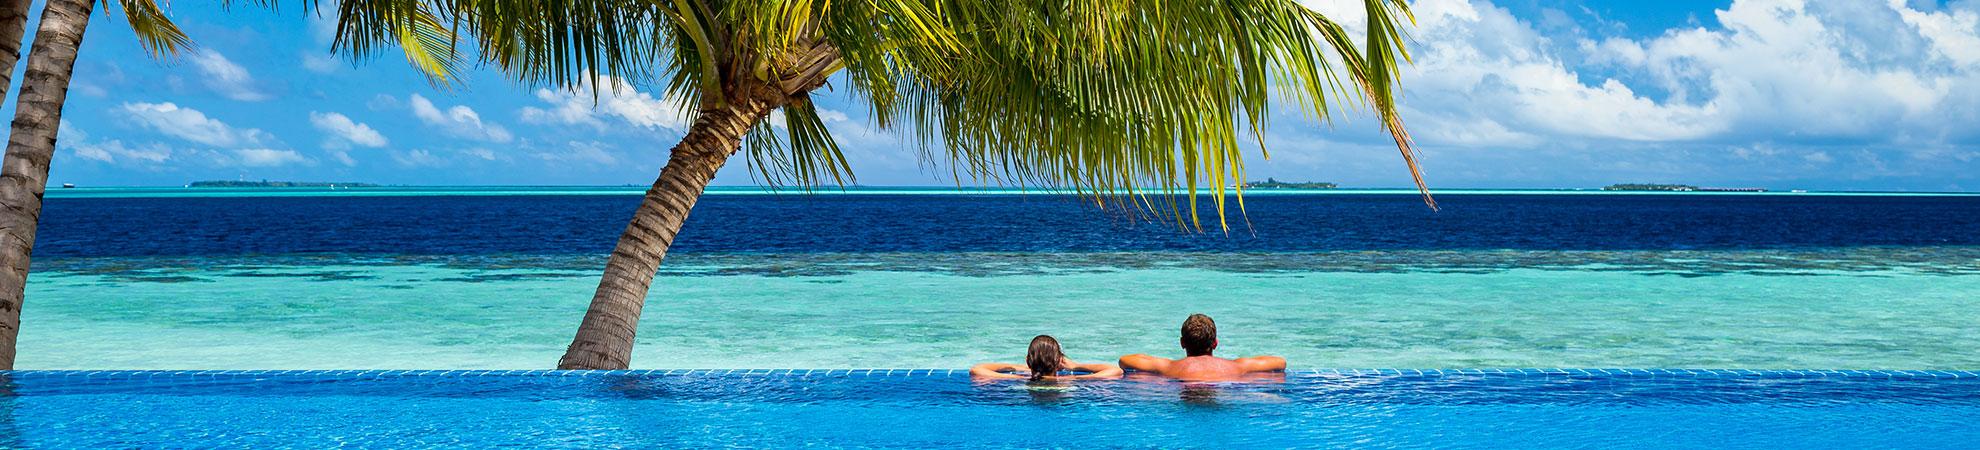 Votre voyage de noces aux Maldives